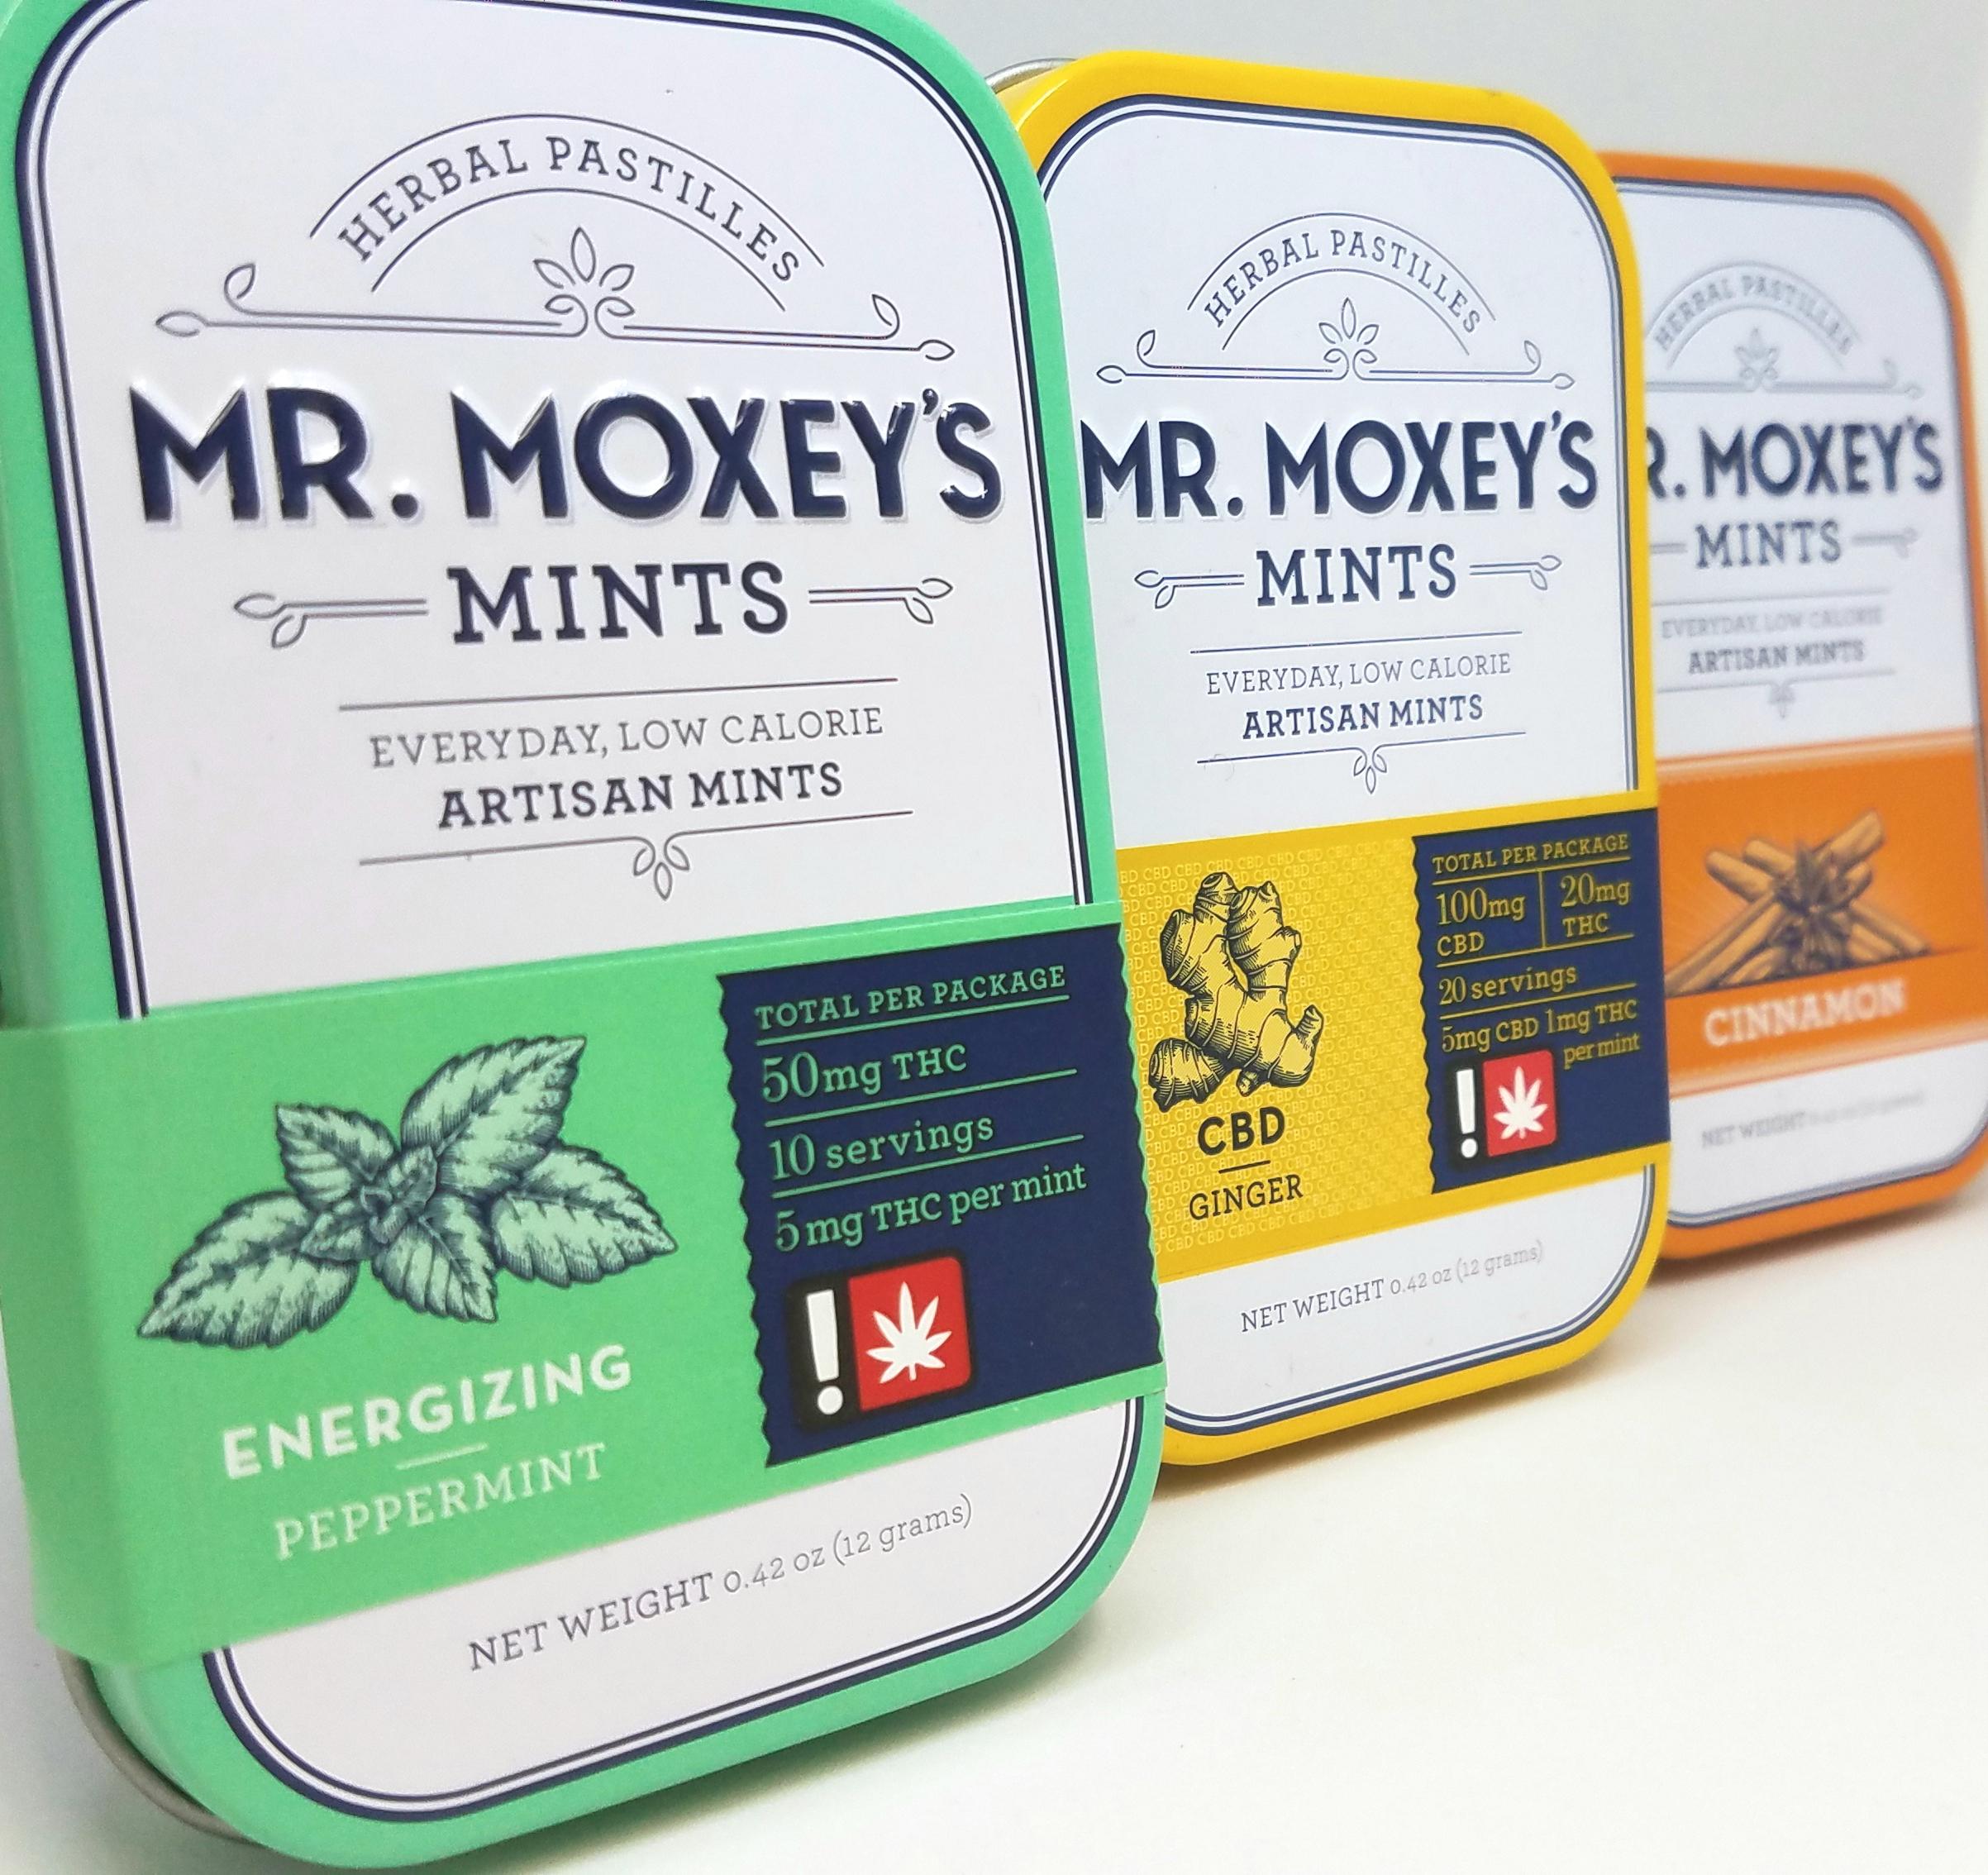 Mr. Moxey's Mints